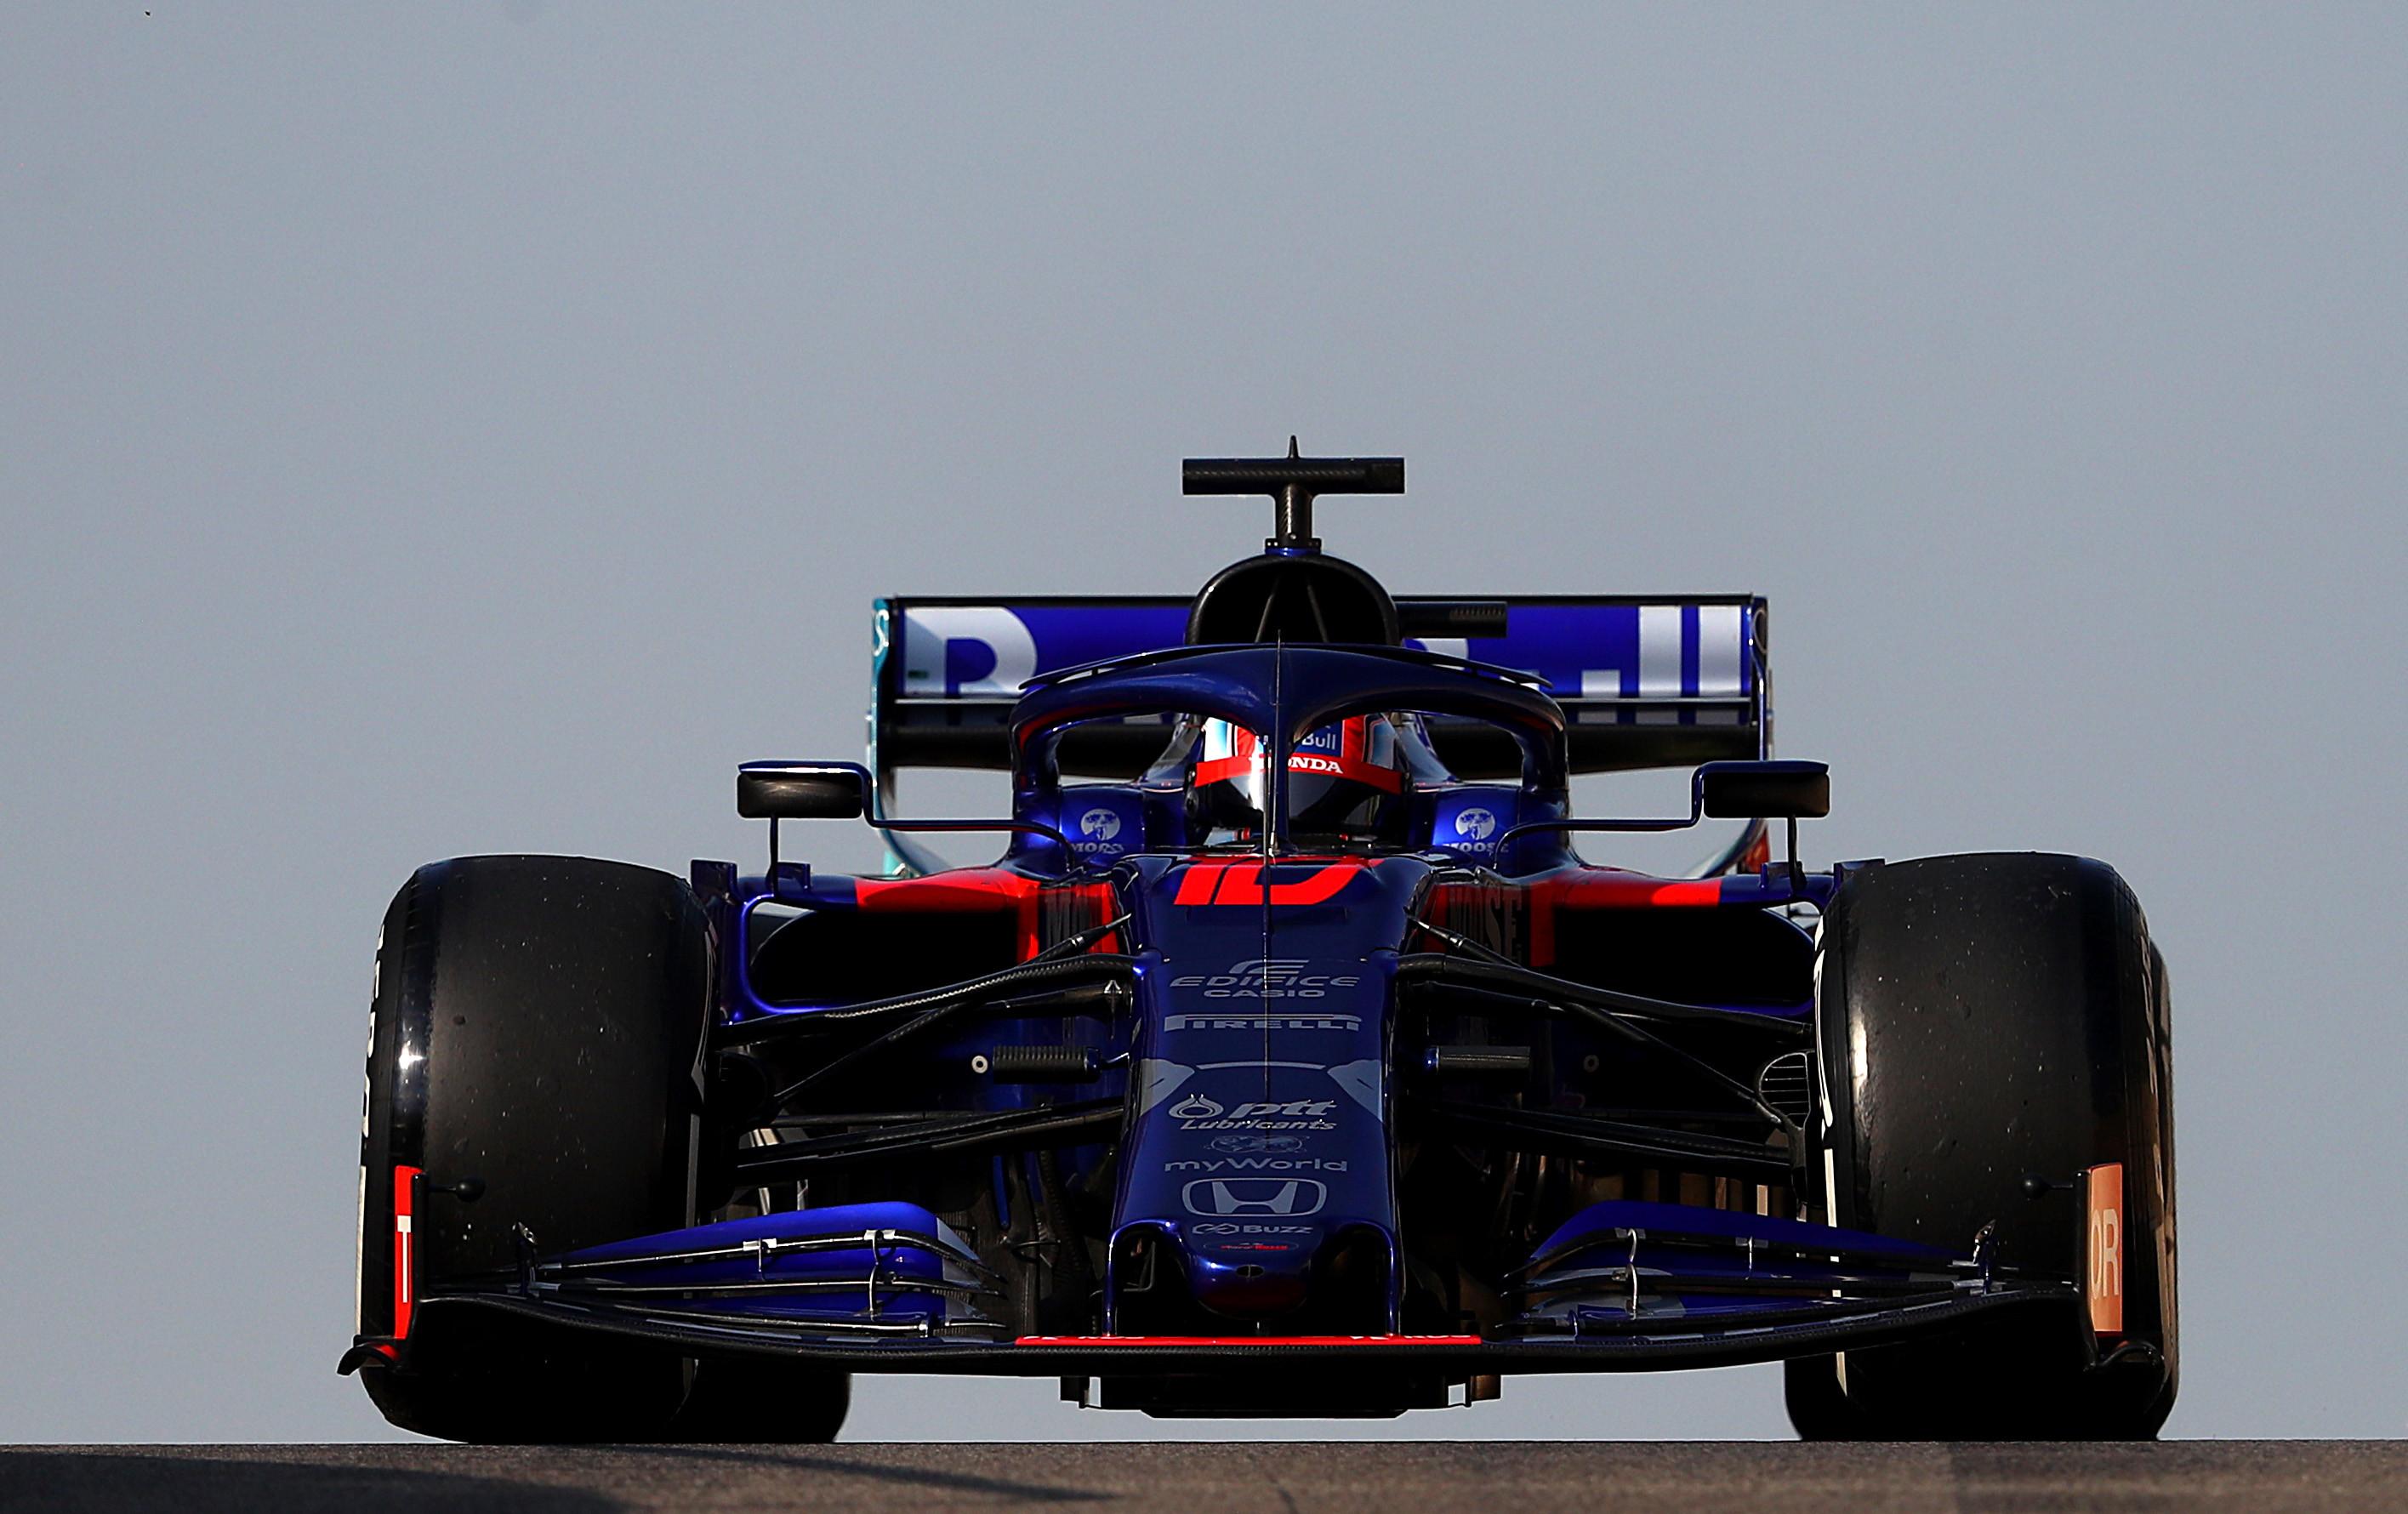 7) Toro Rosso (200 milioni di dollari di valore; 172 milioni di dollari di ricavo)